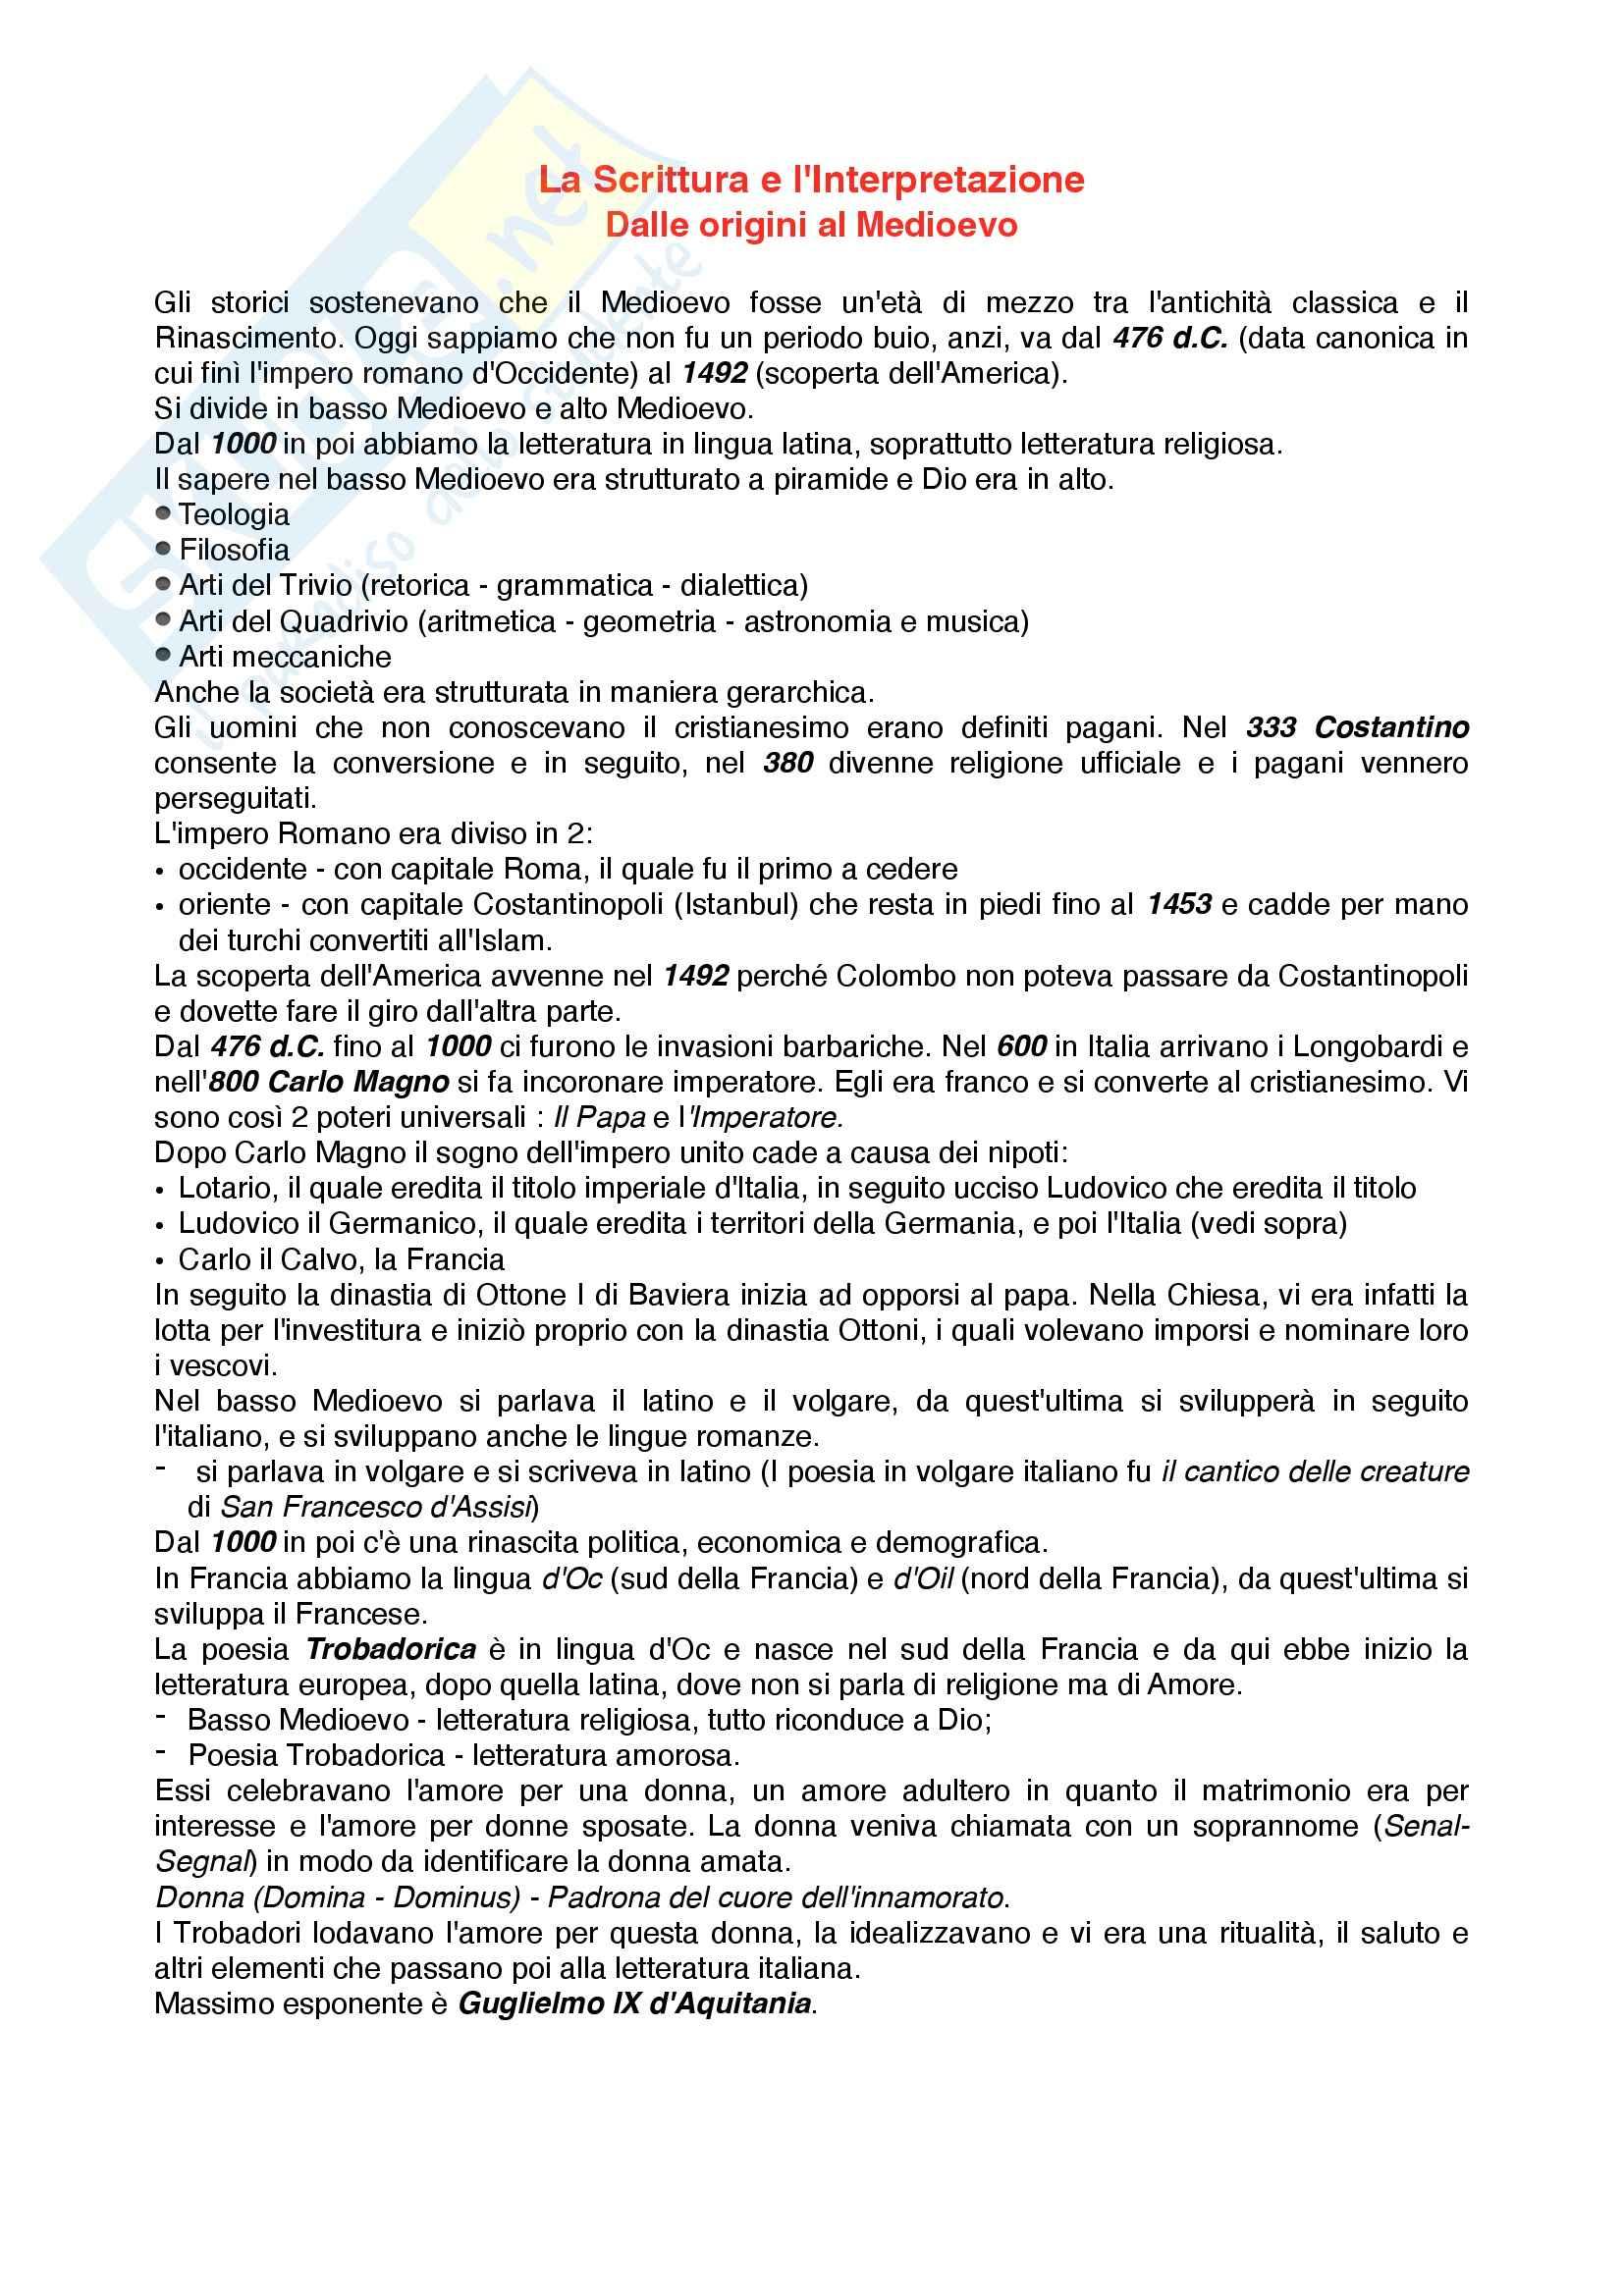 Riassunto esame Letteratura italiana, prof. Pellizzari, libro consigliato La scrittura e l'interpretazione -dalle origini al medioevo- volume rosso